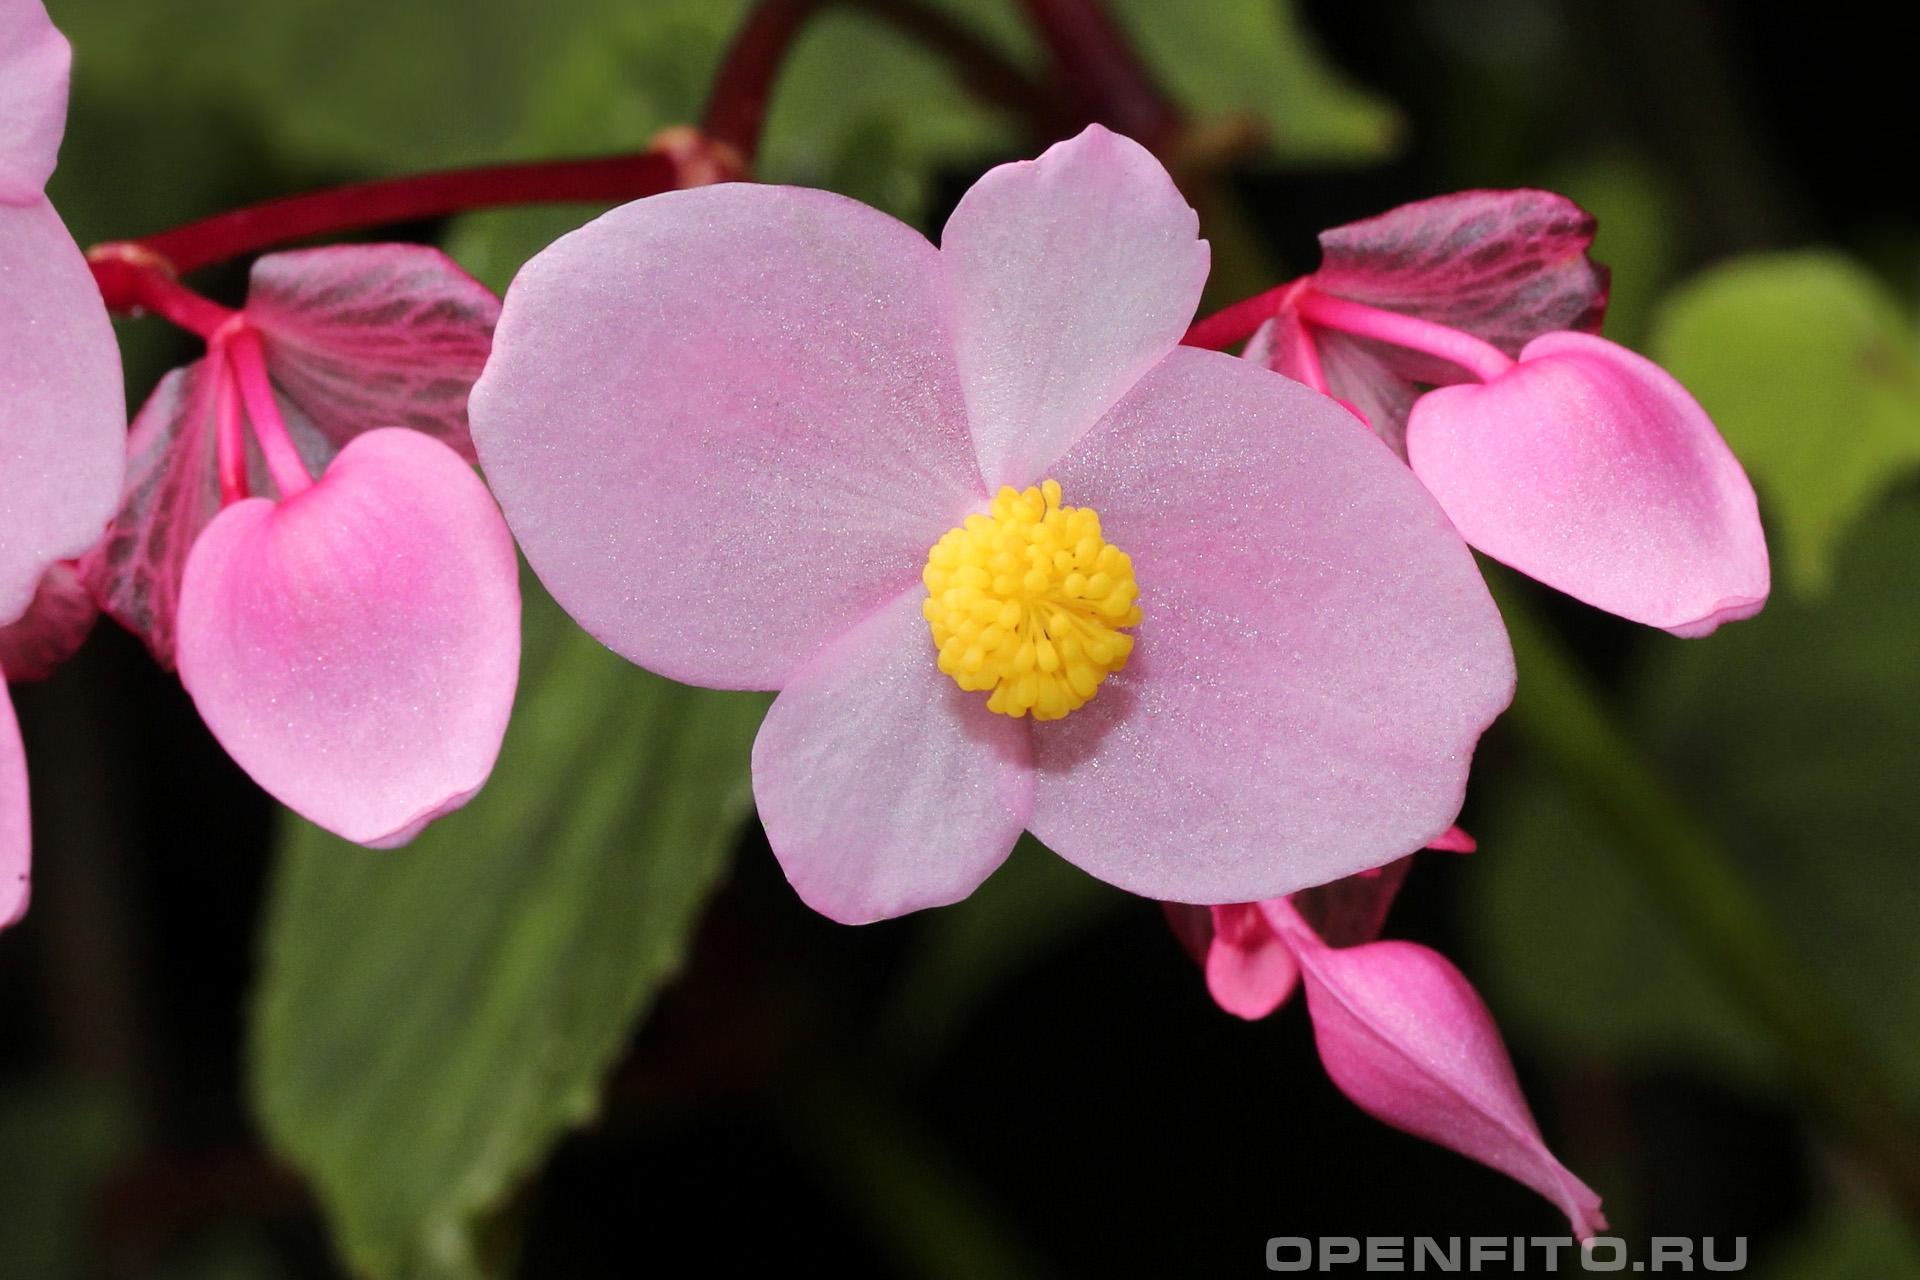 Бегония садовая <p>популярный садовый и домашний цветок, другое название: Бегония вечноцветущая.</p>